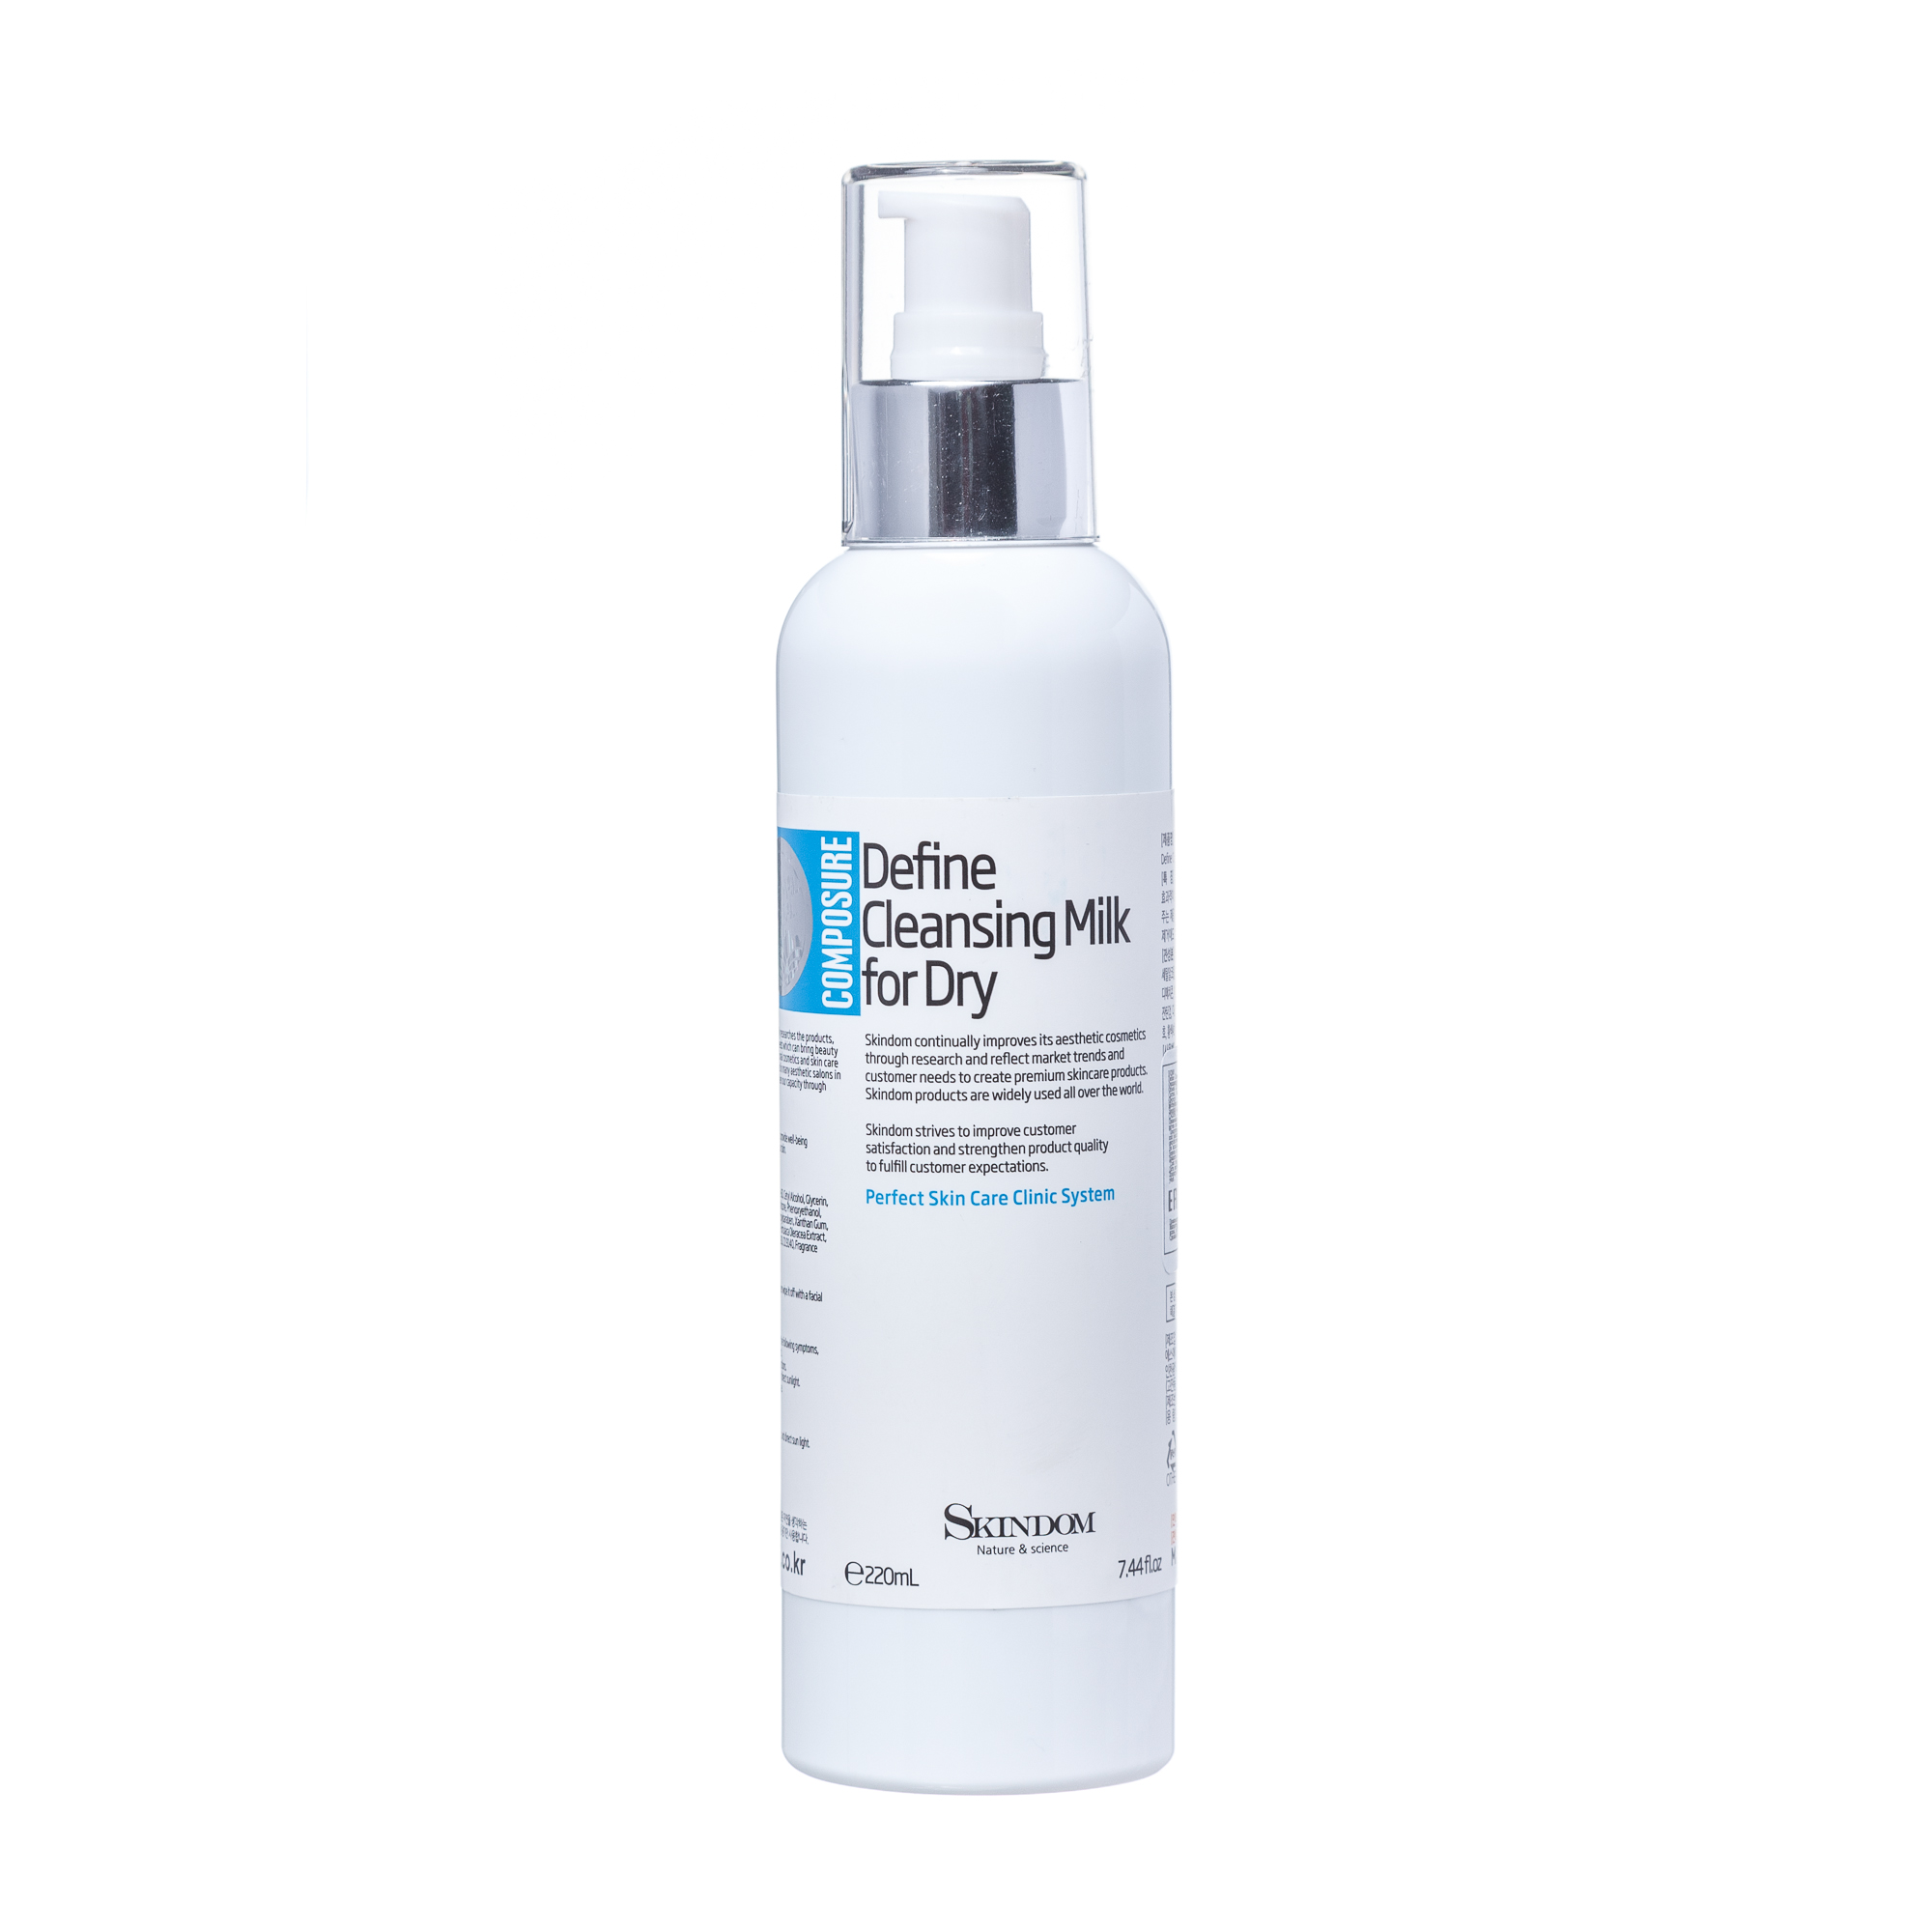 Купить SKINDOM Молочко очищающее для сухой кожи лица / DEFINE CLEANSING MILK FOR DRY 220 мл